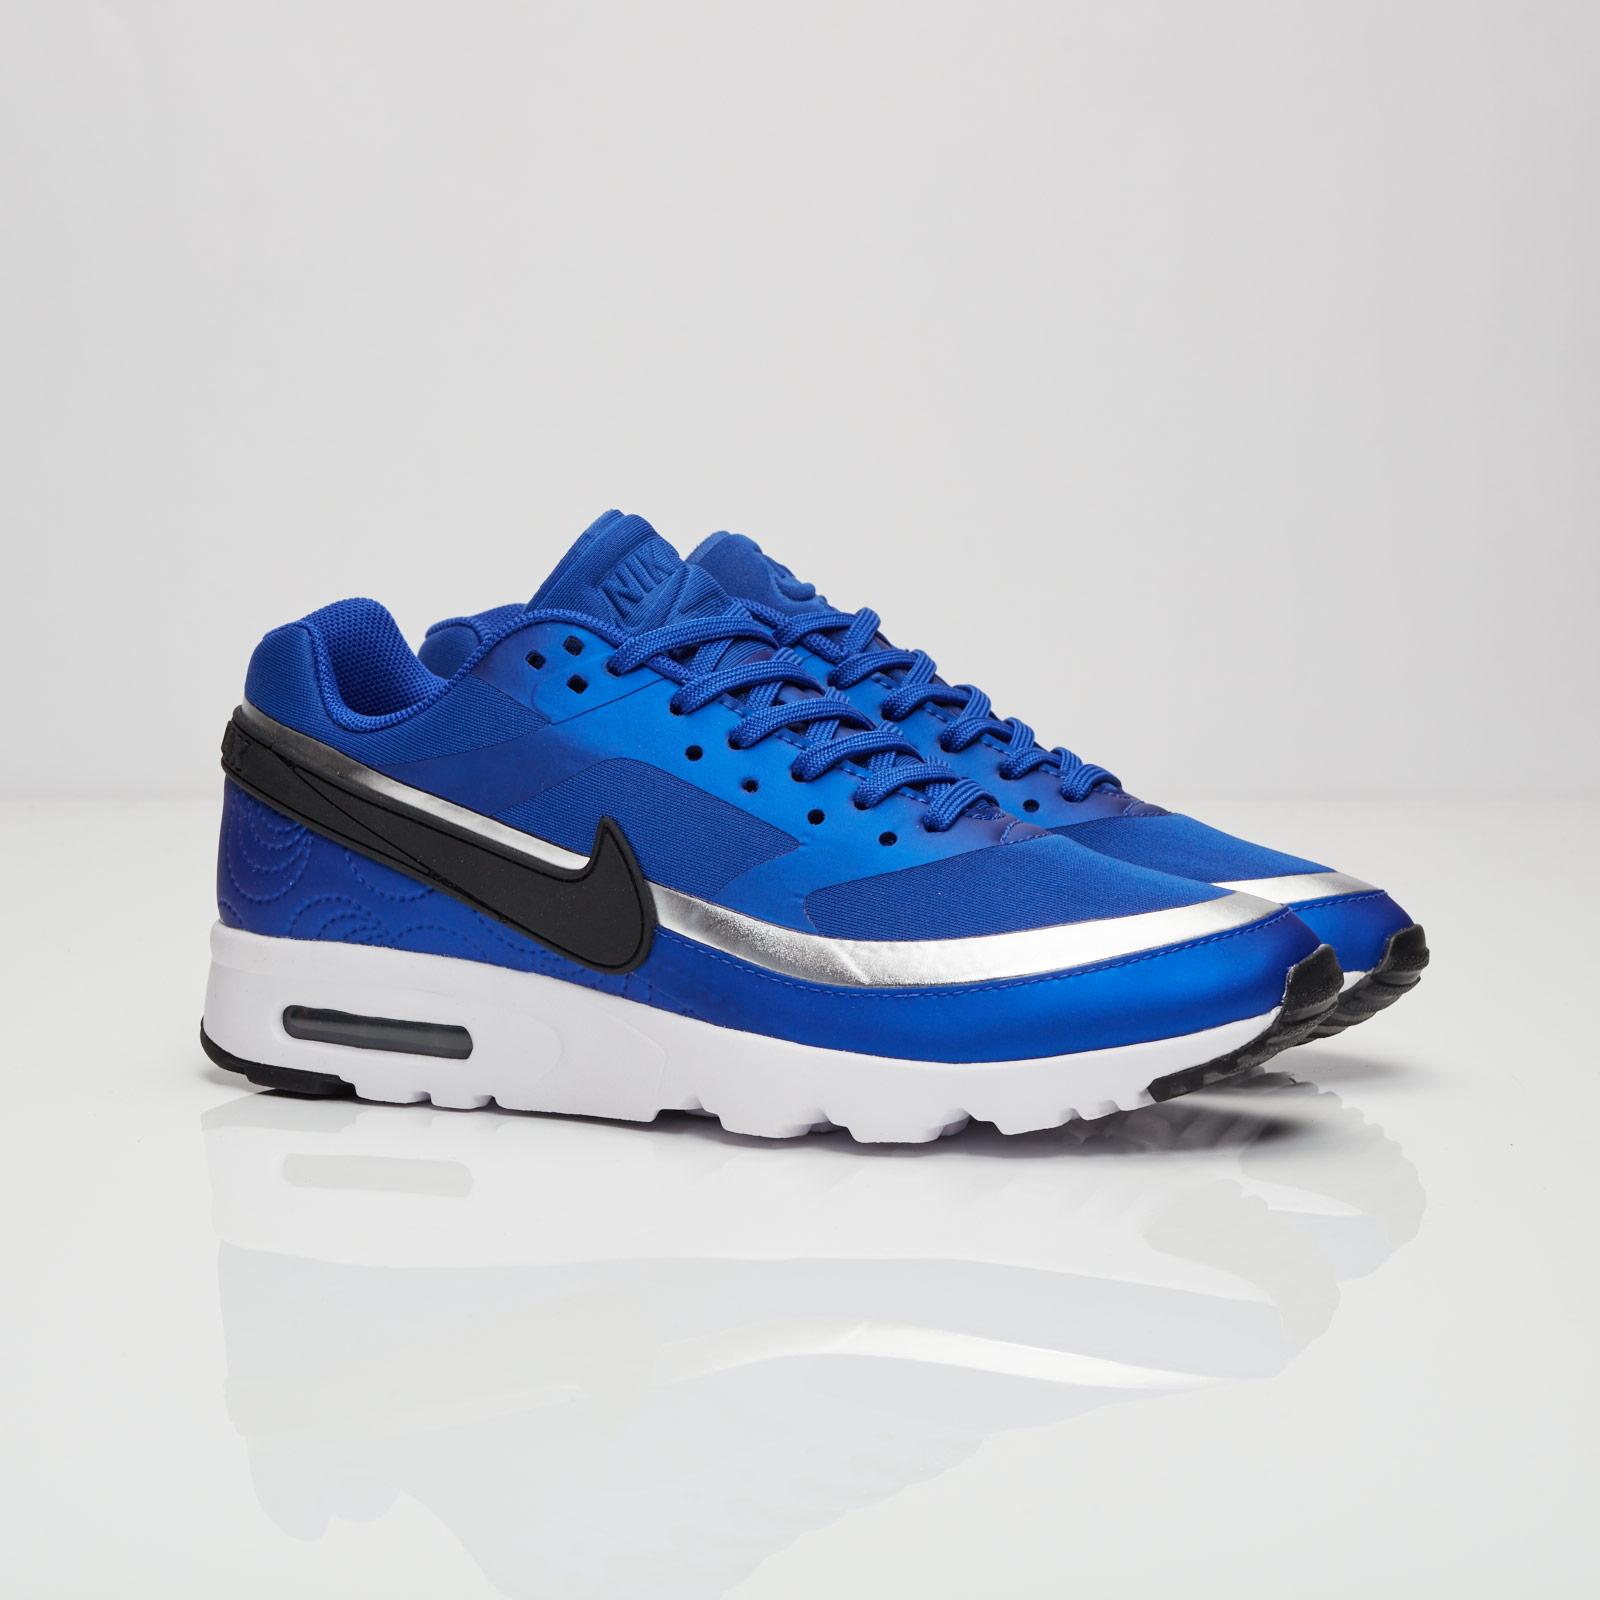 livraison gratuite a4895 61720 Nike W Air Max BW Ultra Lotc Qs - 847076-400 ...